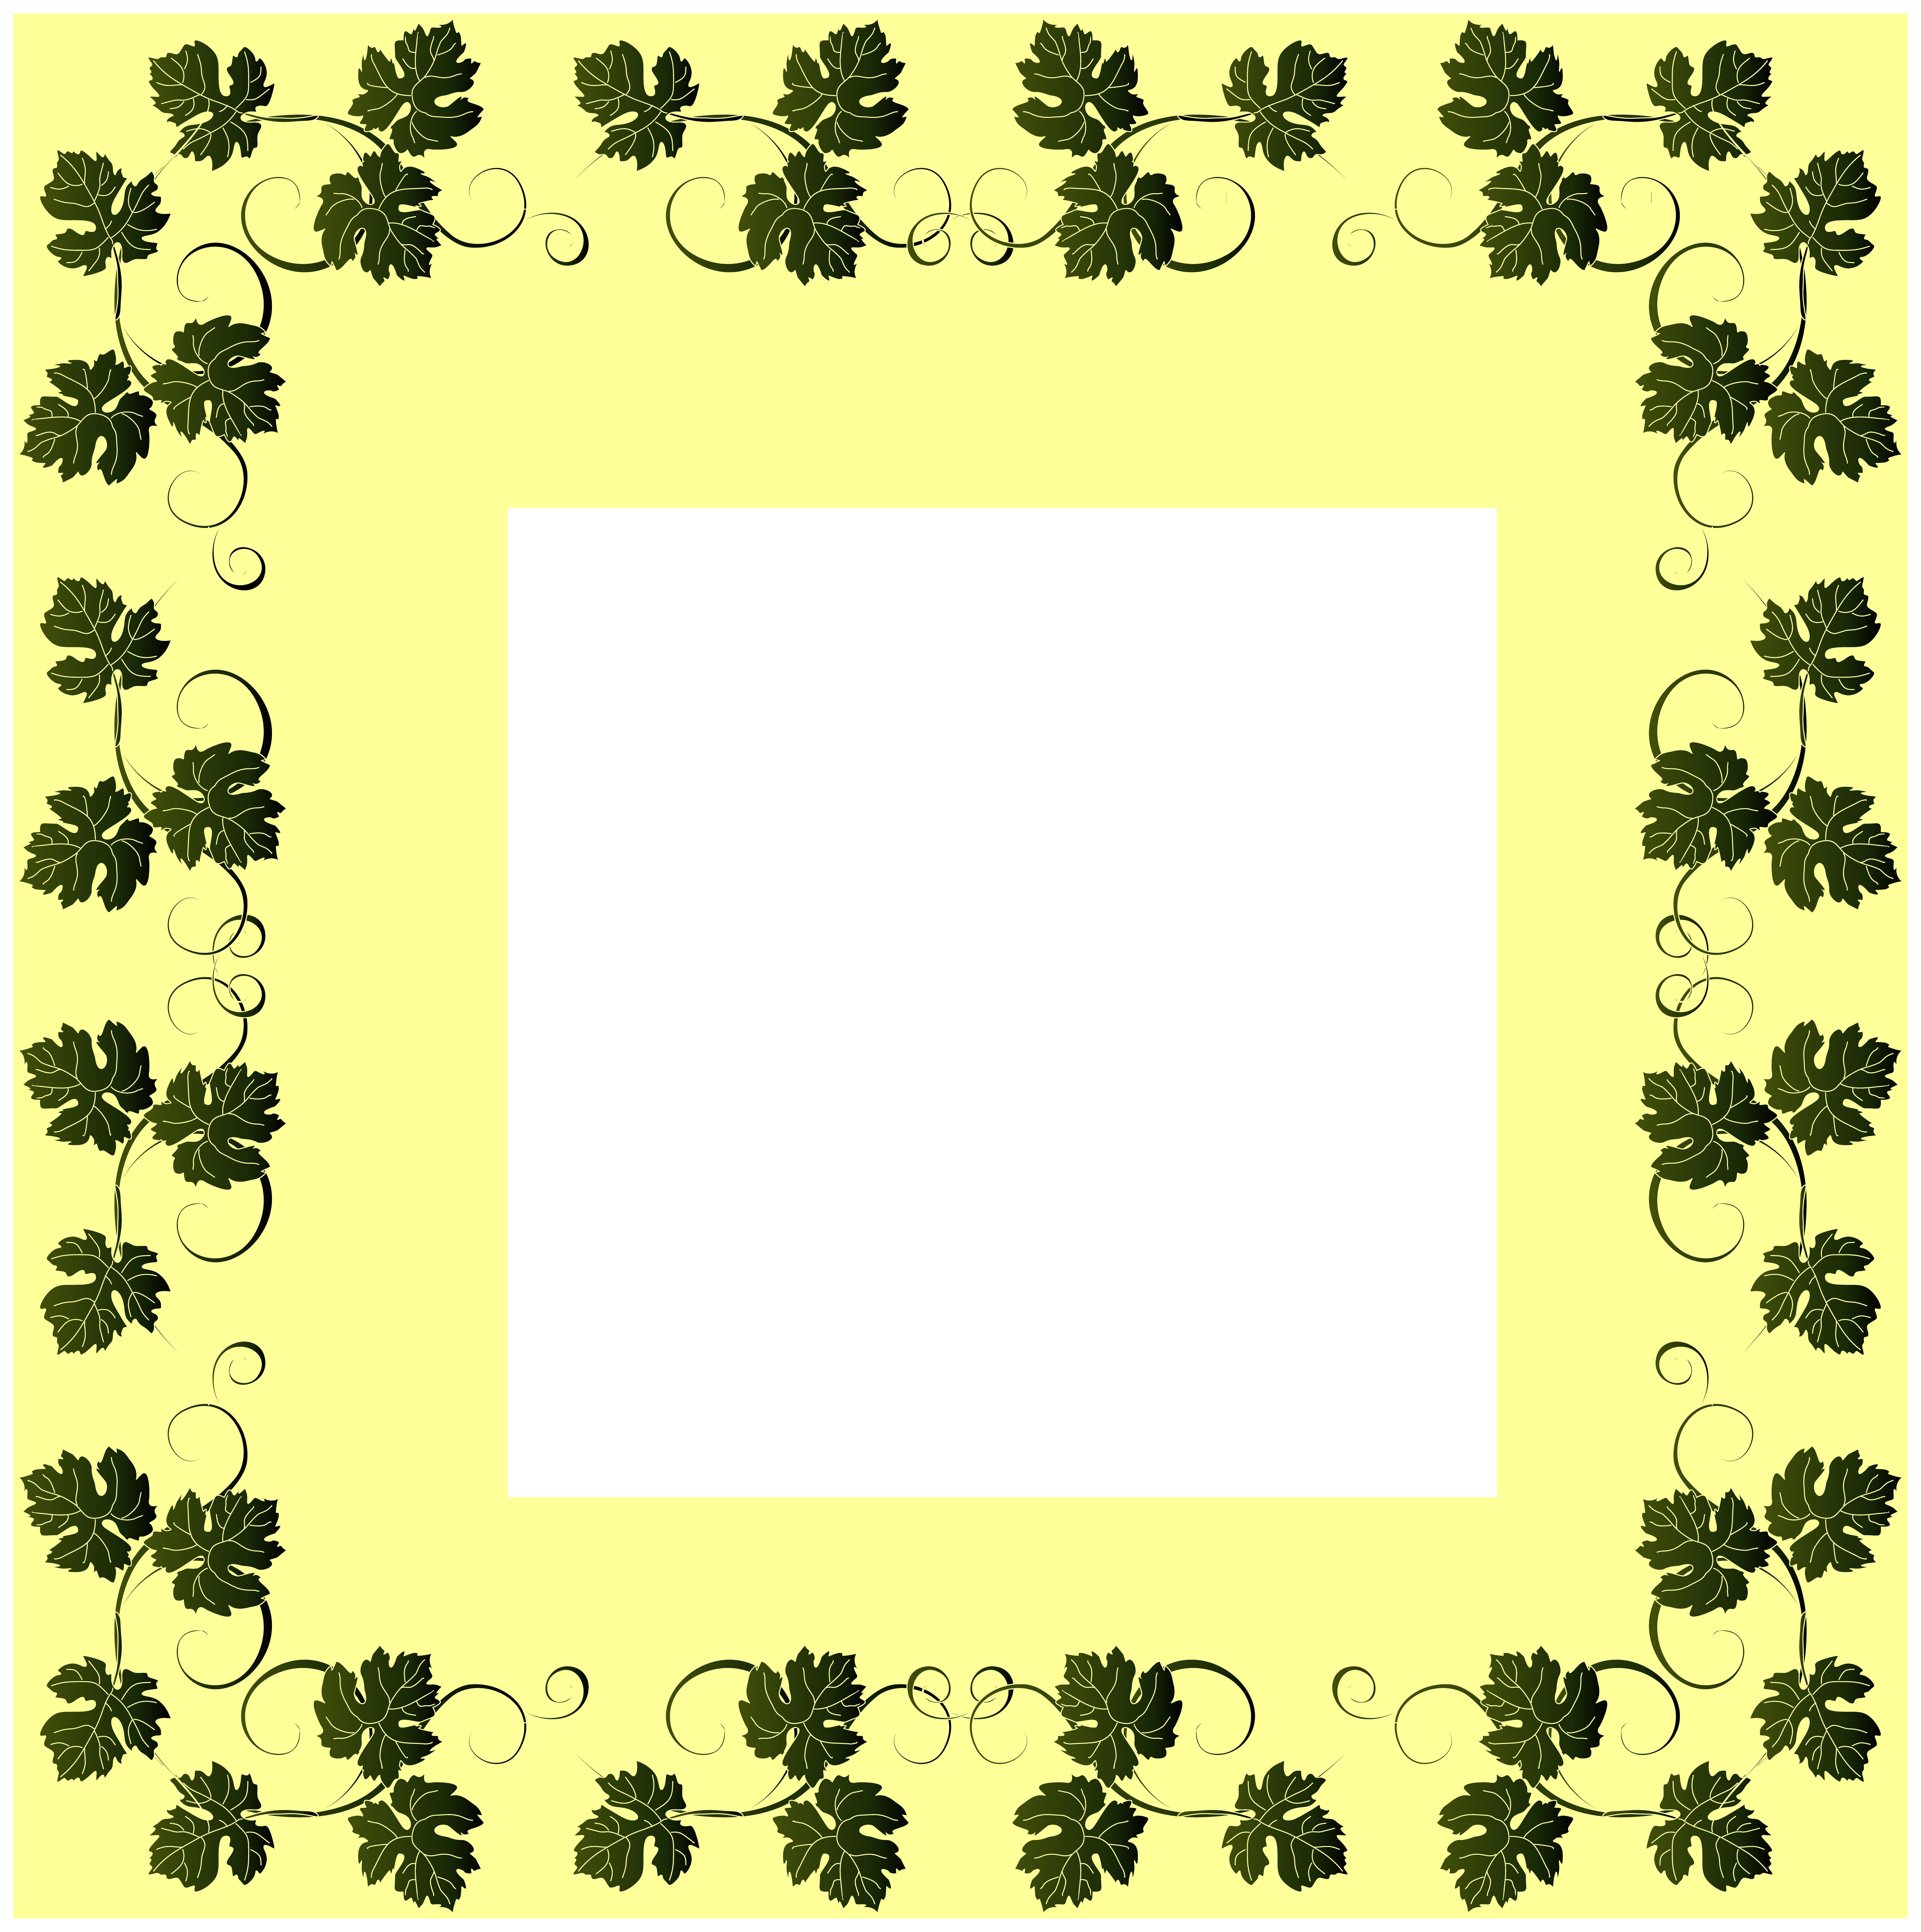 Vine Border Frame PNG Clip Art Image.